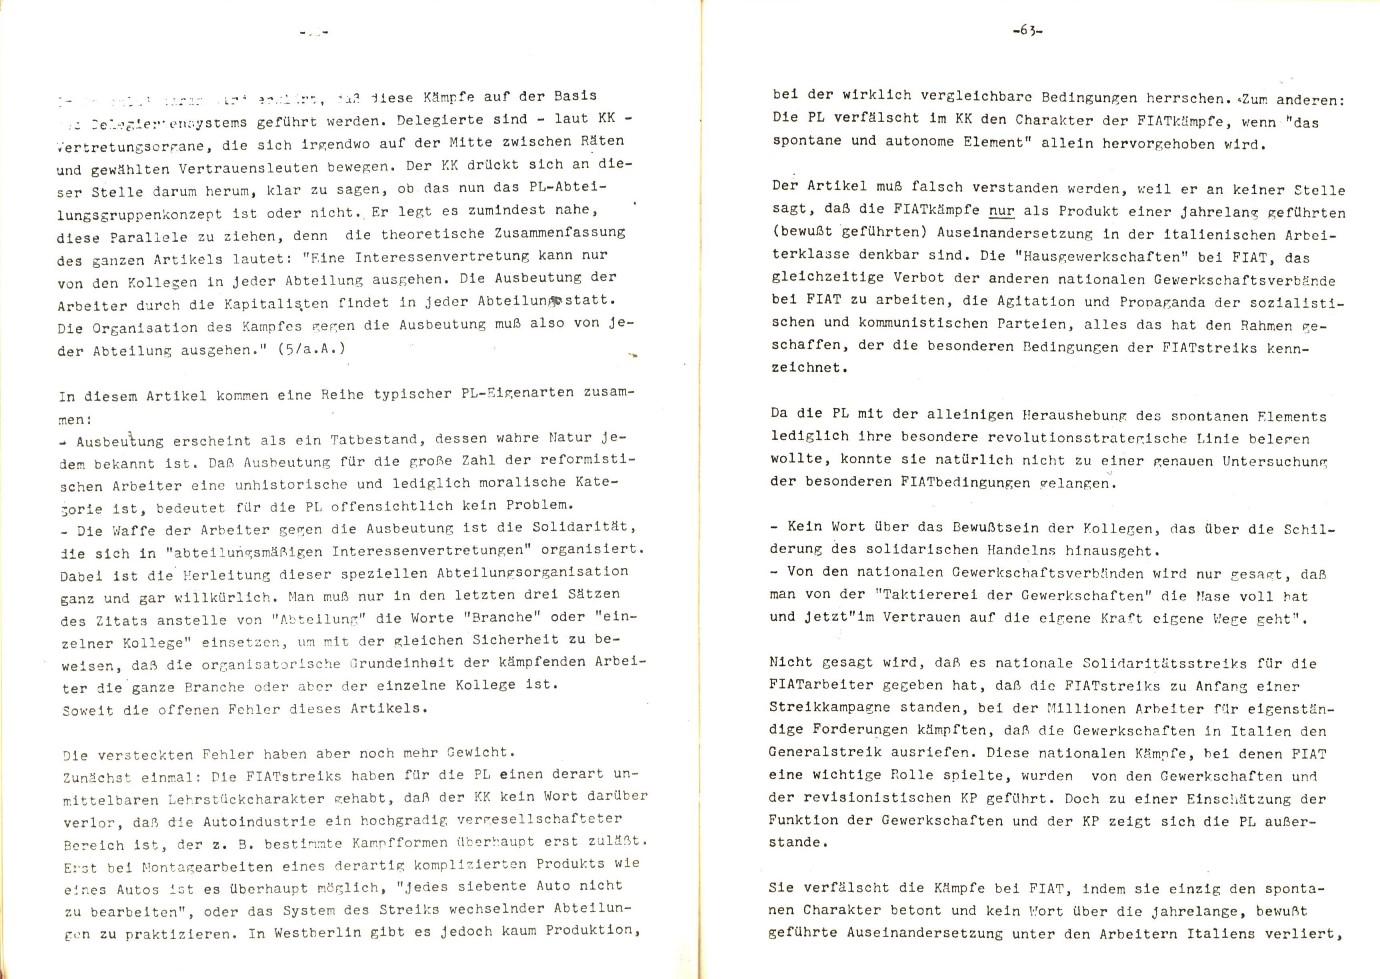 PLPI_1971_Aufloesung_34